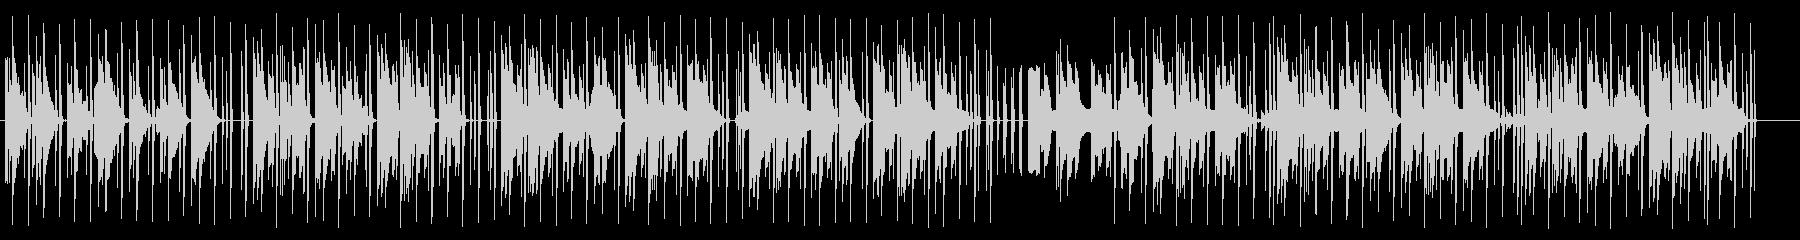 優しいミニマルテクノの未再生の波形